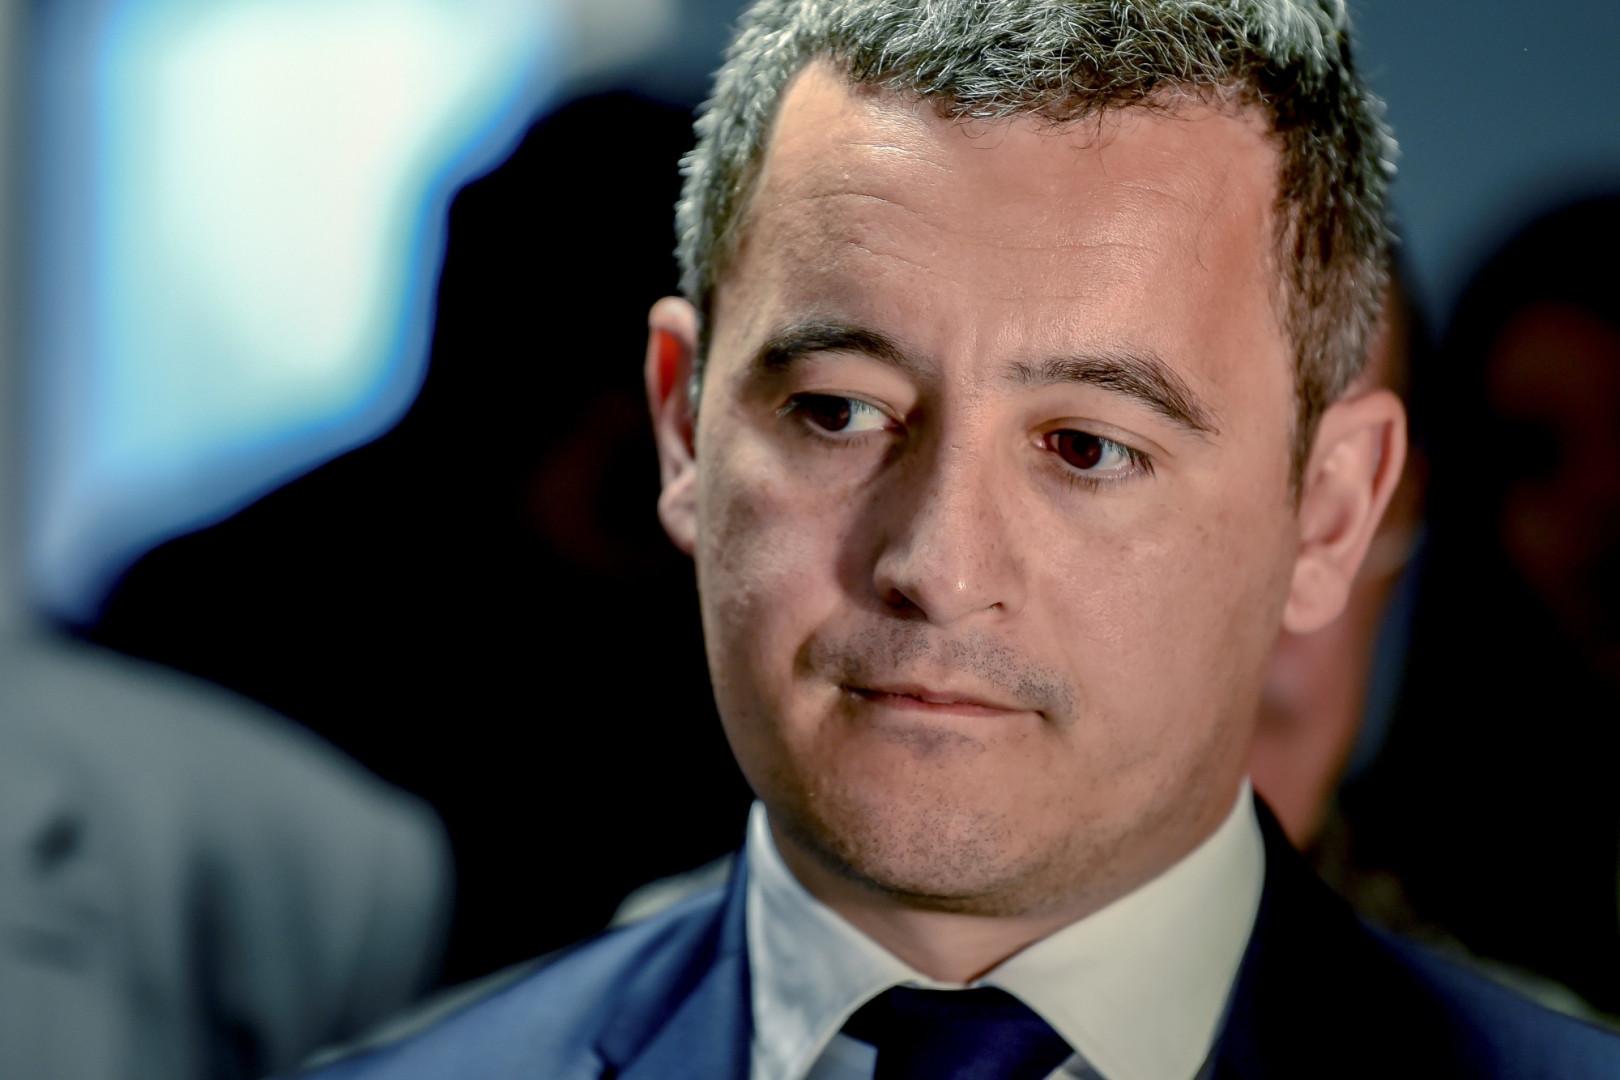 Ministre de l'Action et des Comptes publics depuis 2017, Gérald Darmanin est le nouveau ministre de l'Intérieur